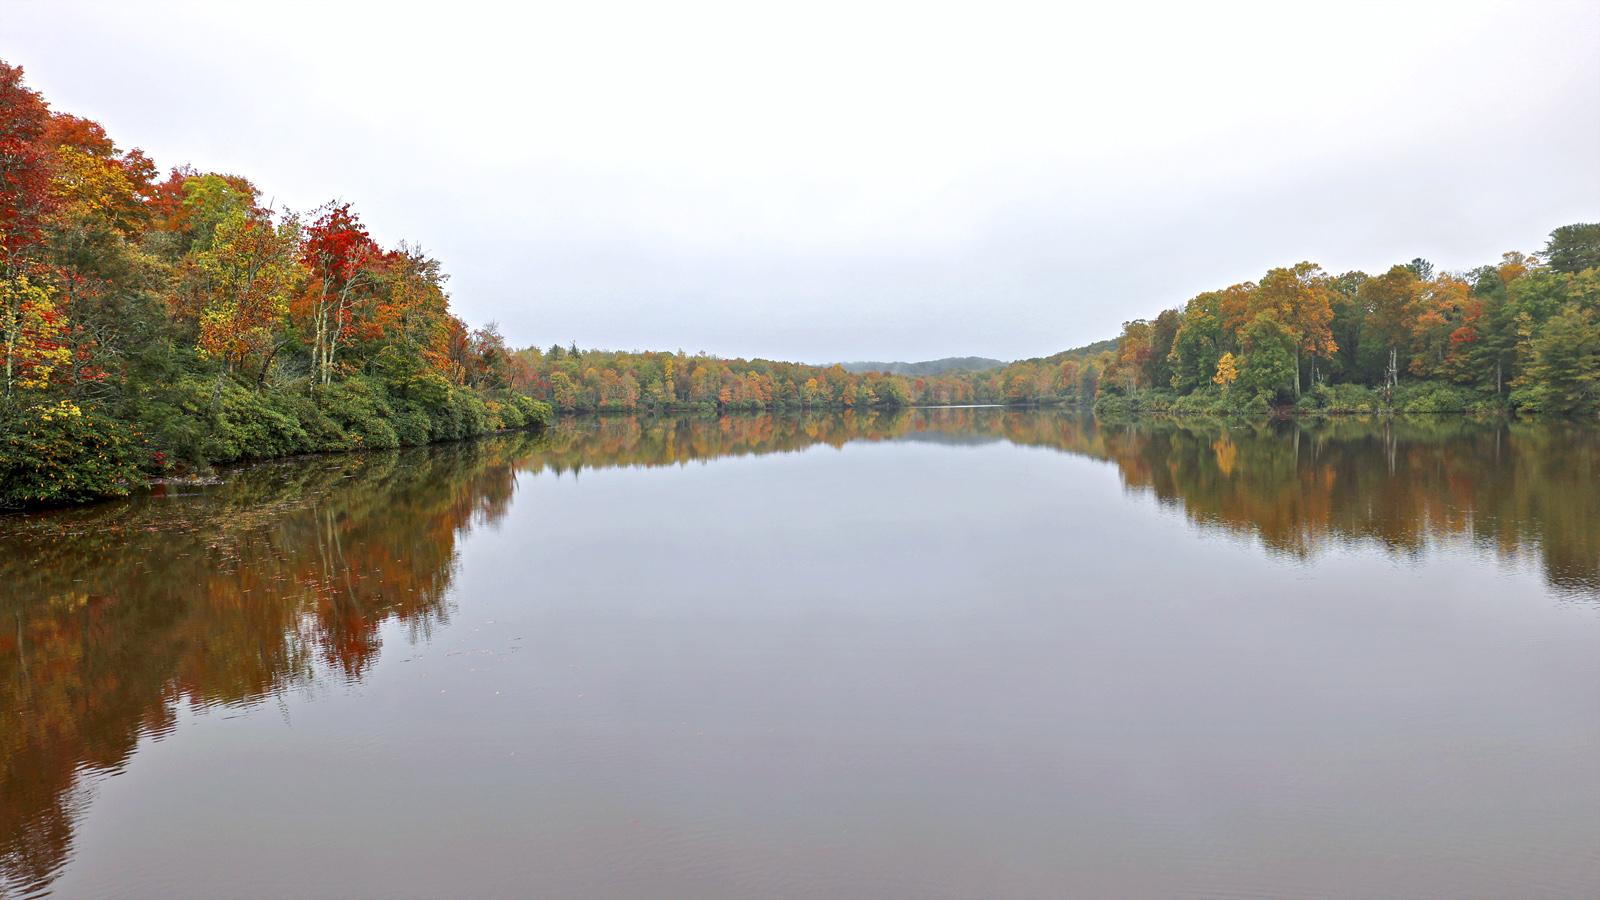 Price Lake in Fall